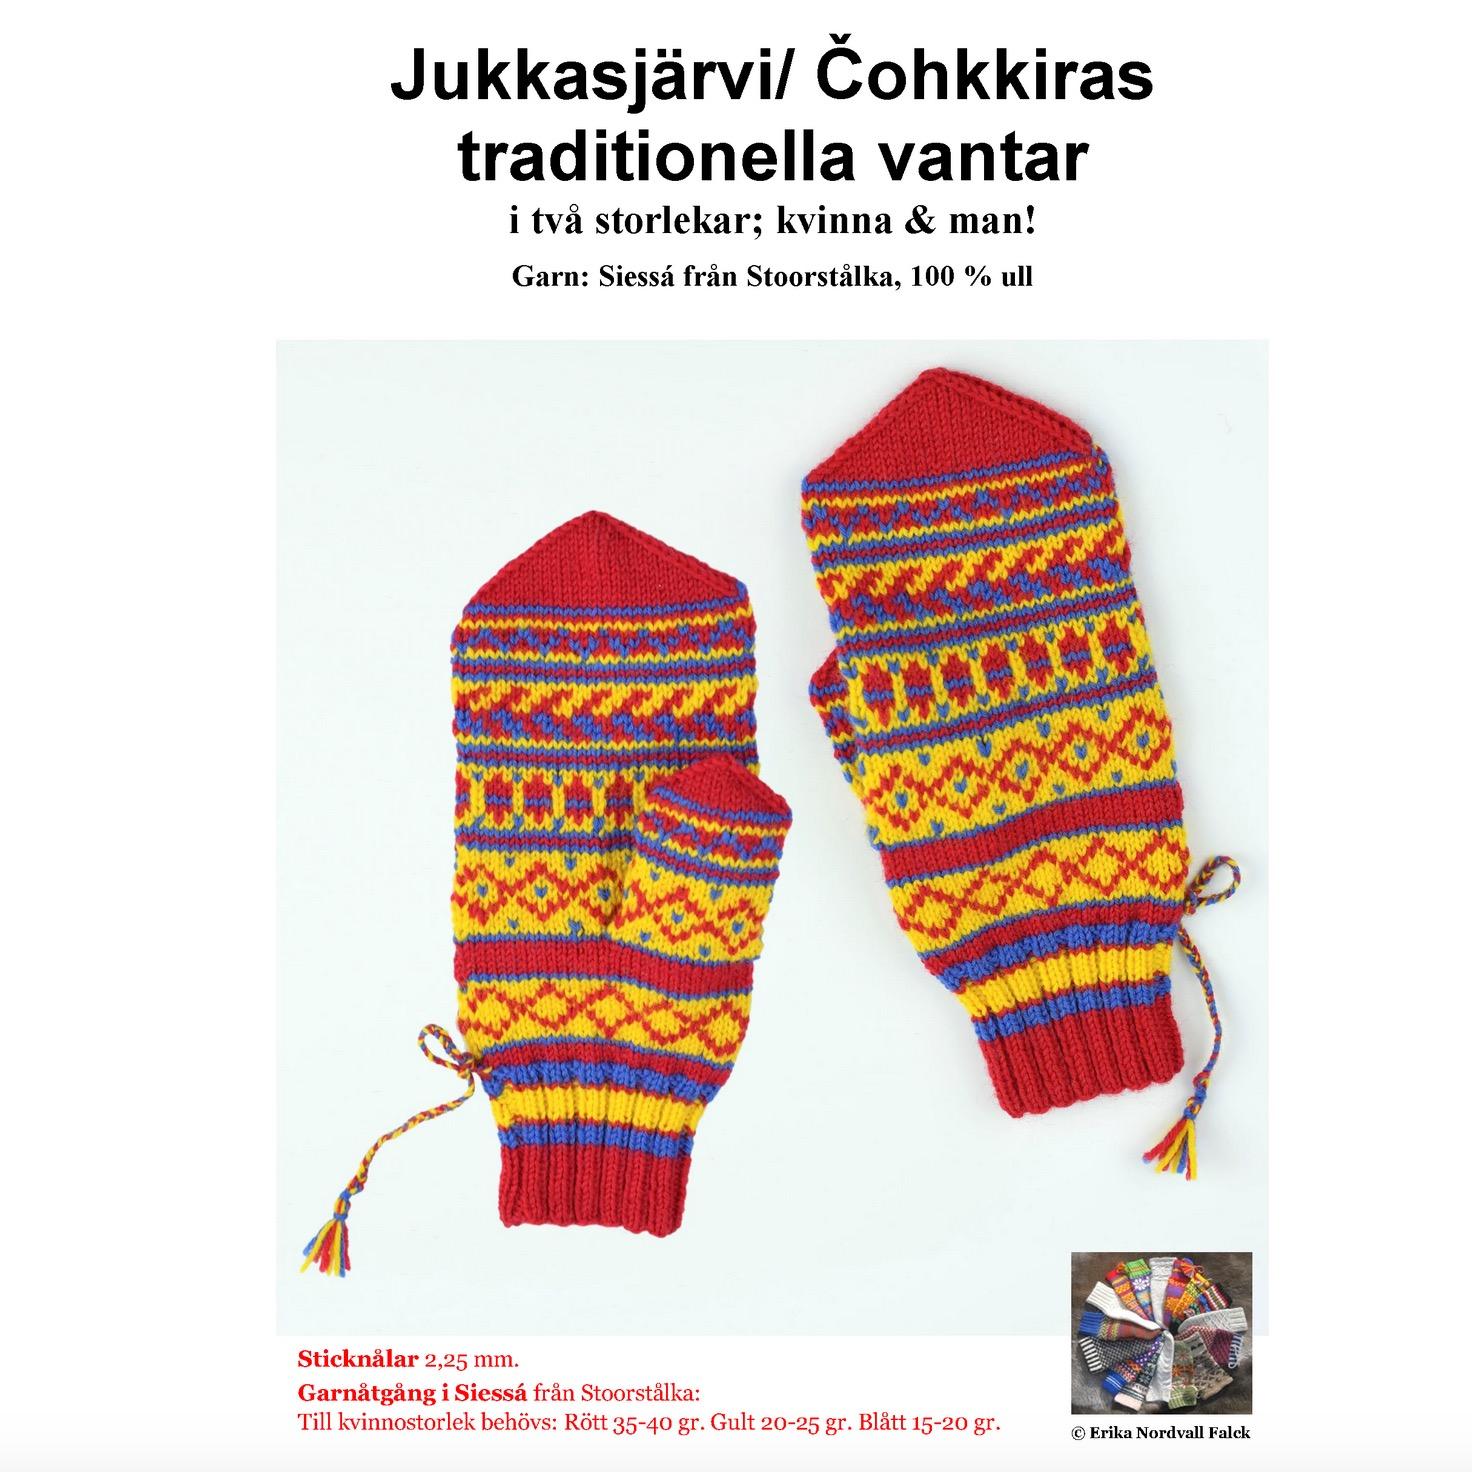 Jukkasjärvi/Čohkkiras röda vantar, Stoorstålka